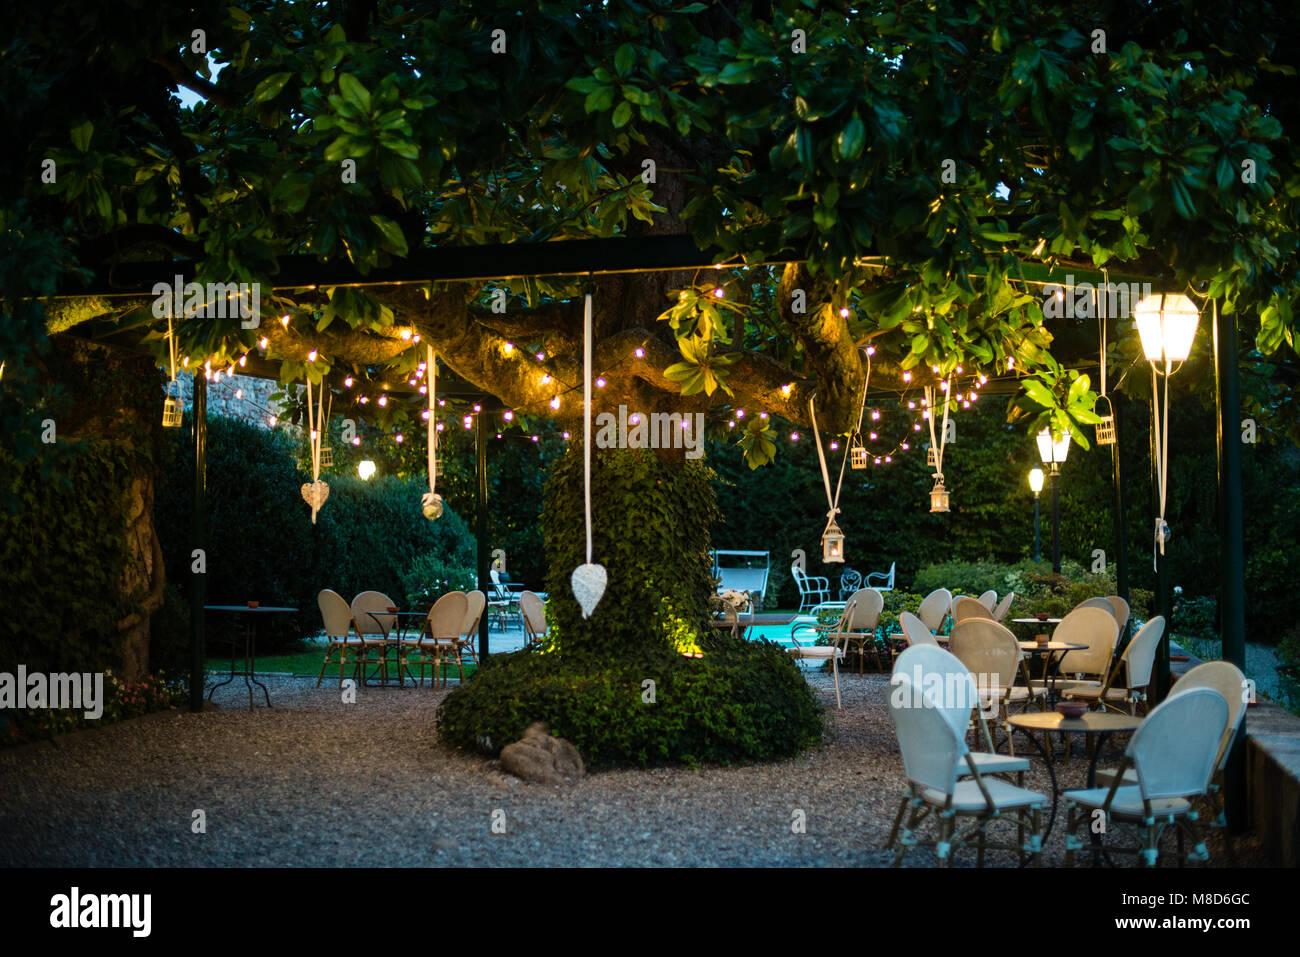 Villa giardino con grande albero di magnolia con molte lanterne e